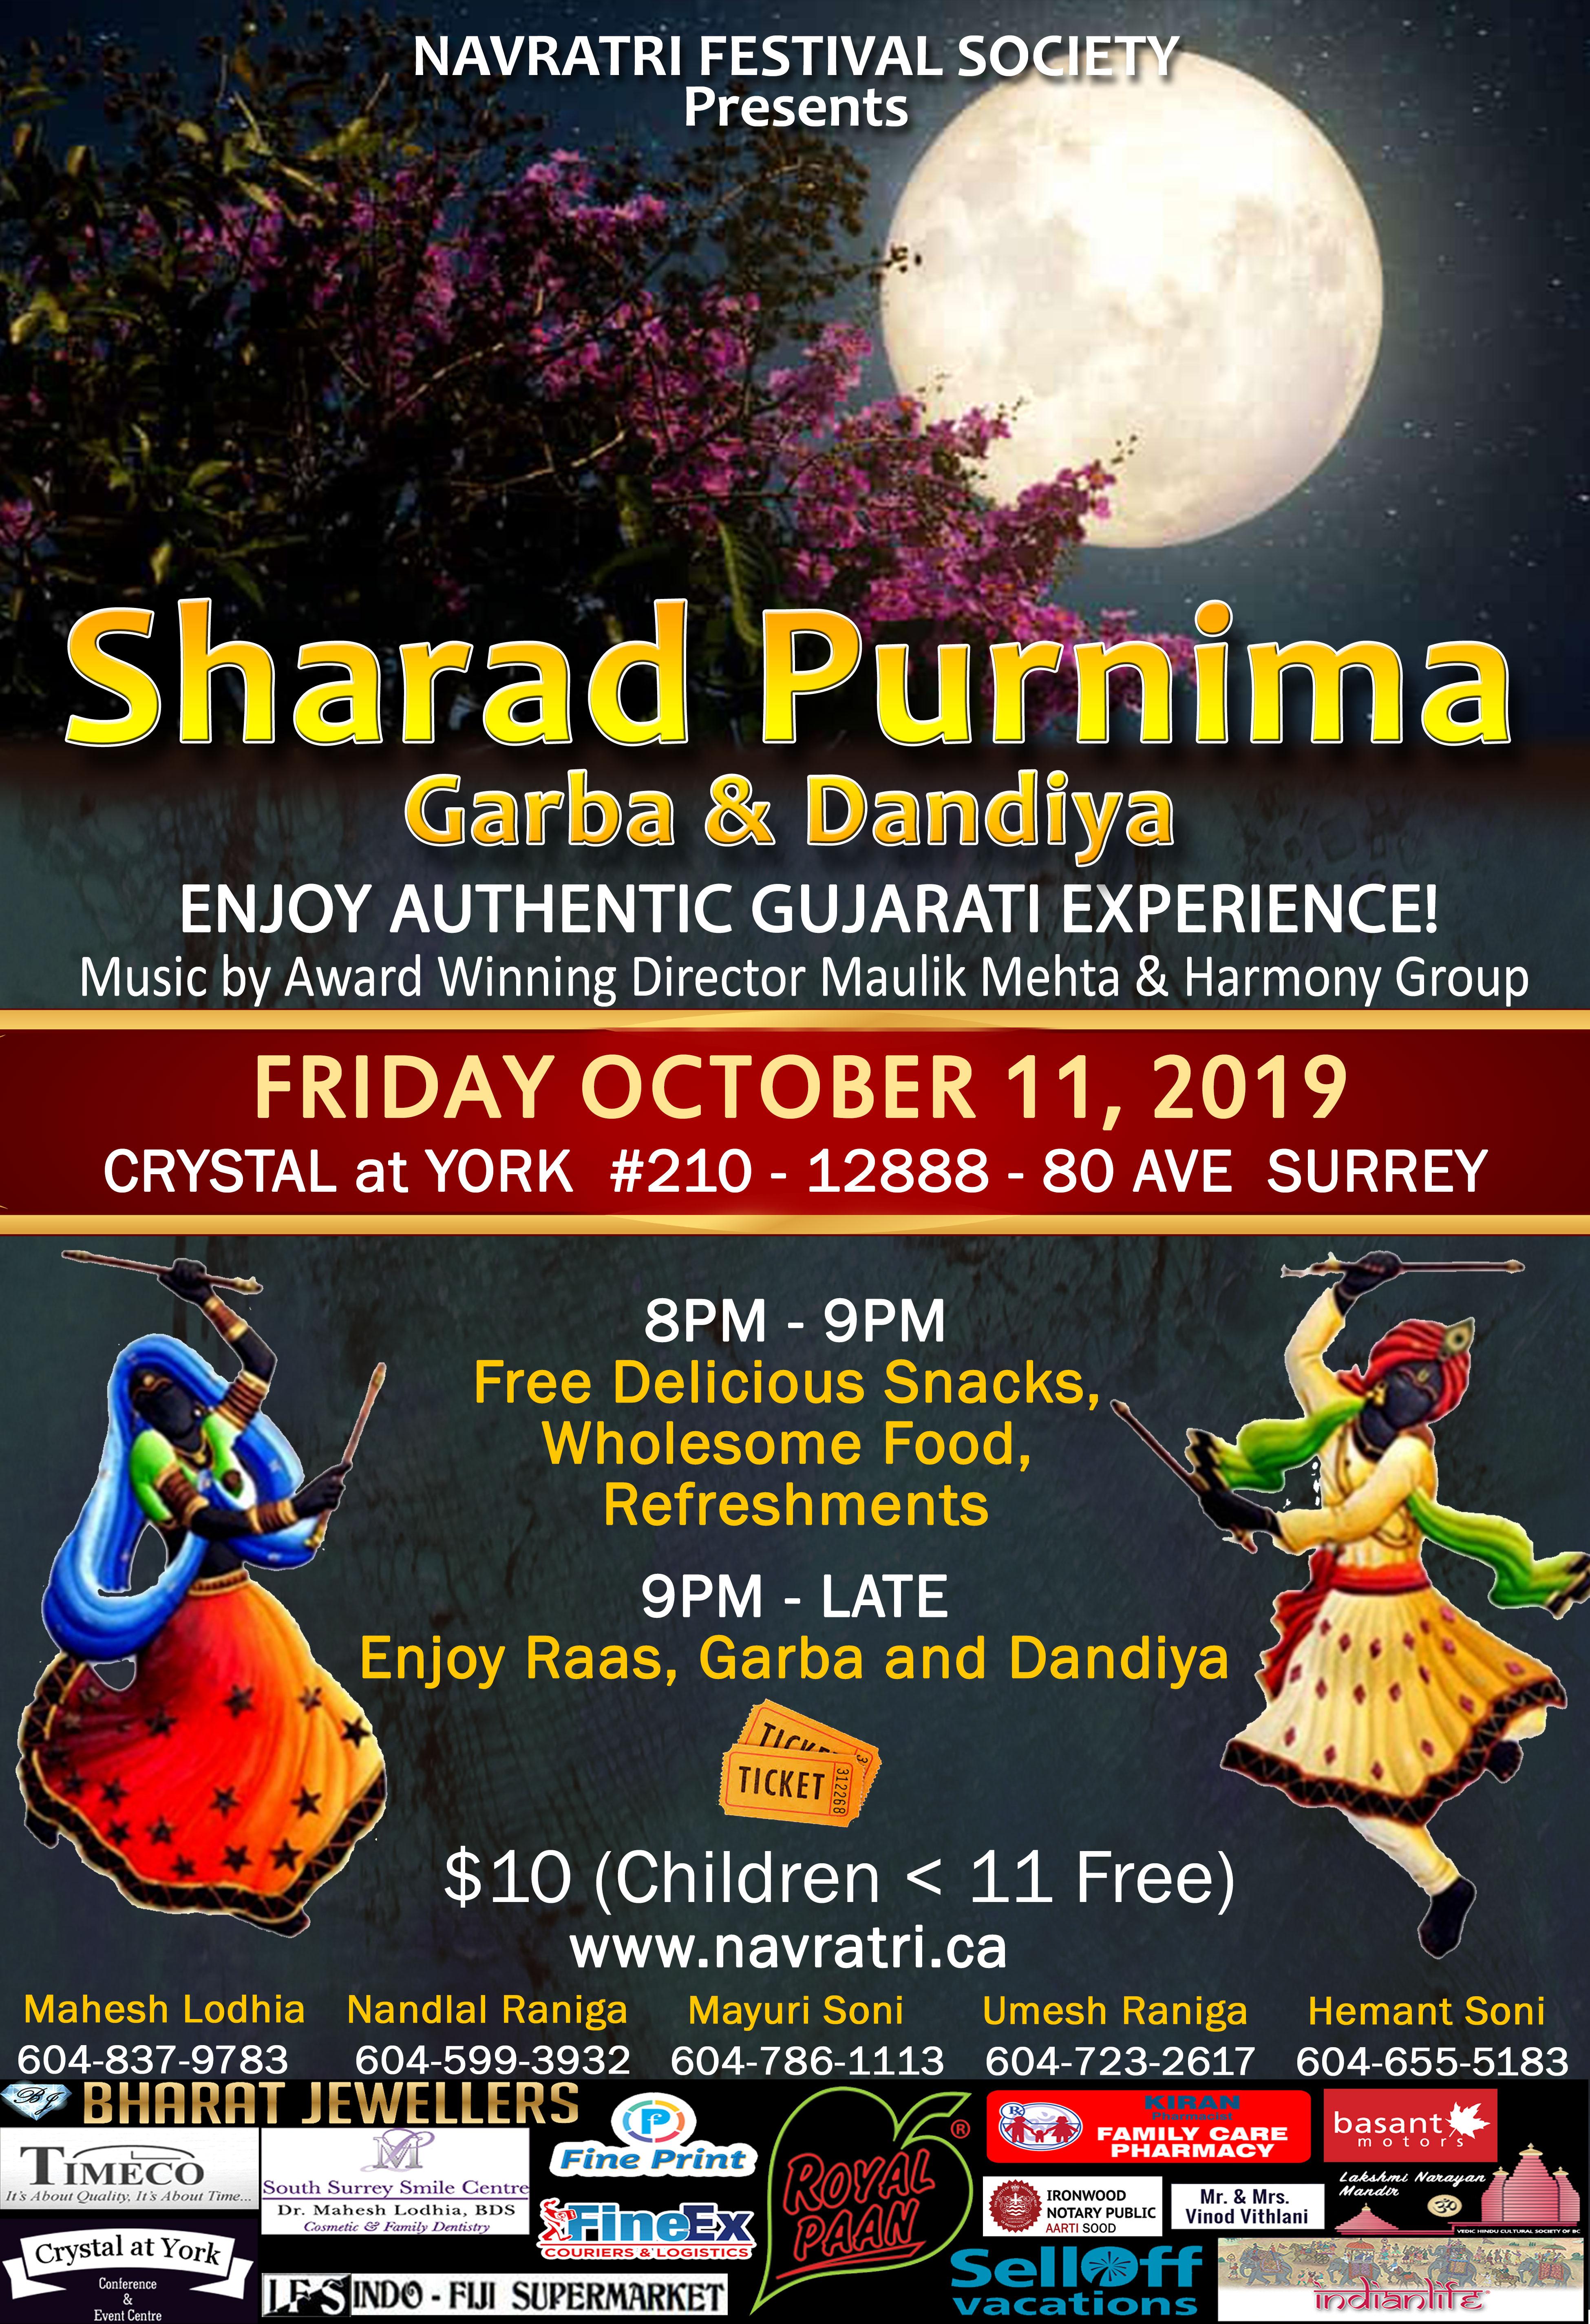 sharadpurnima-2019w